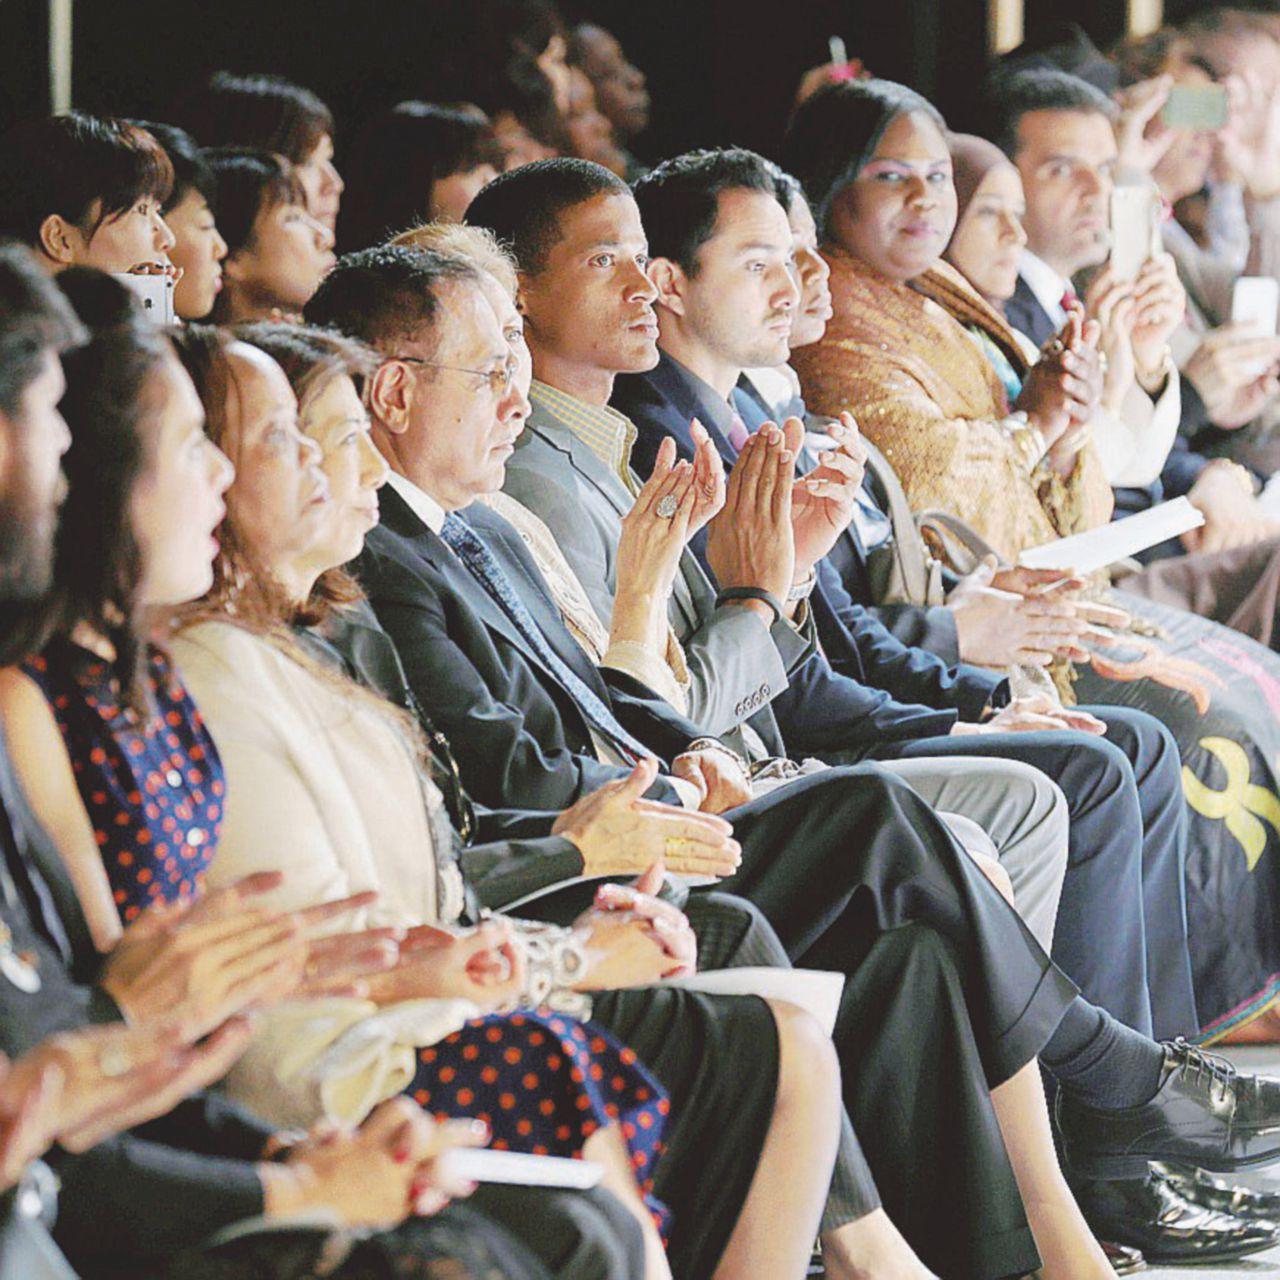 L'applauso non è democratico, spesso è l'eco di un luogo comune